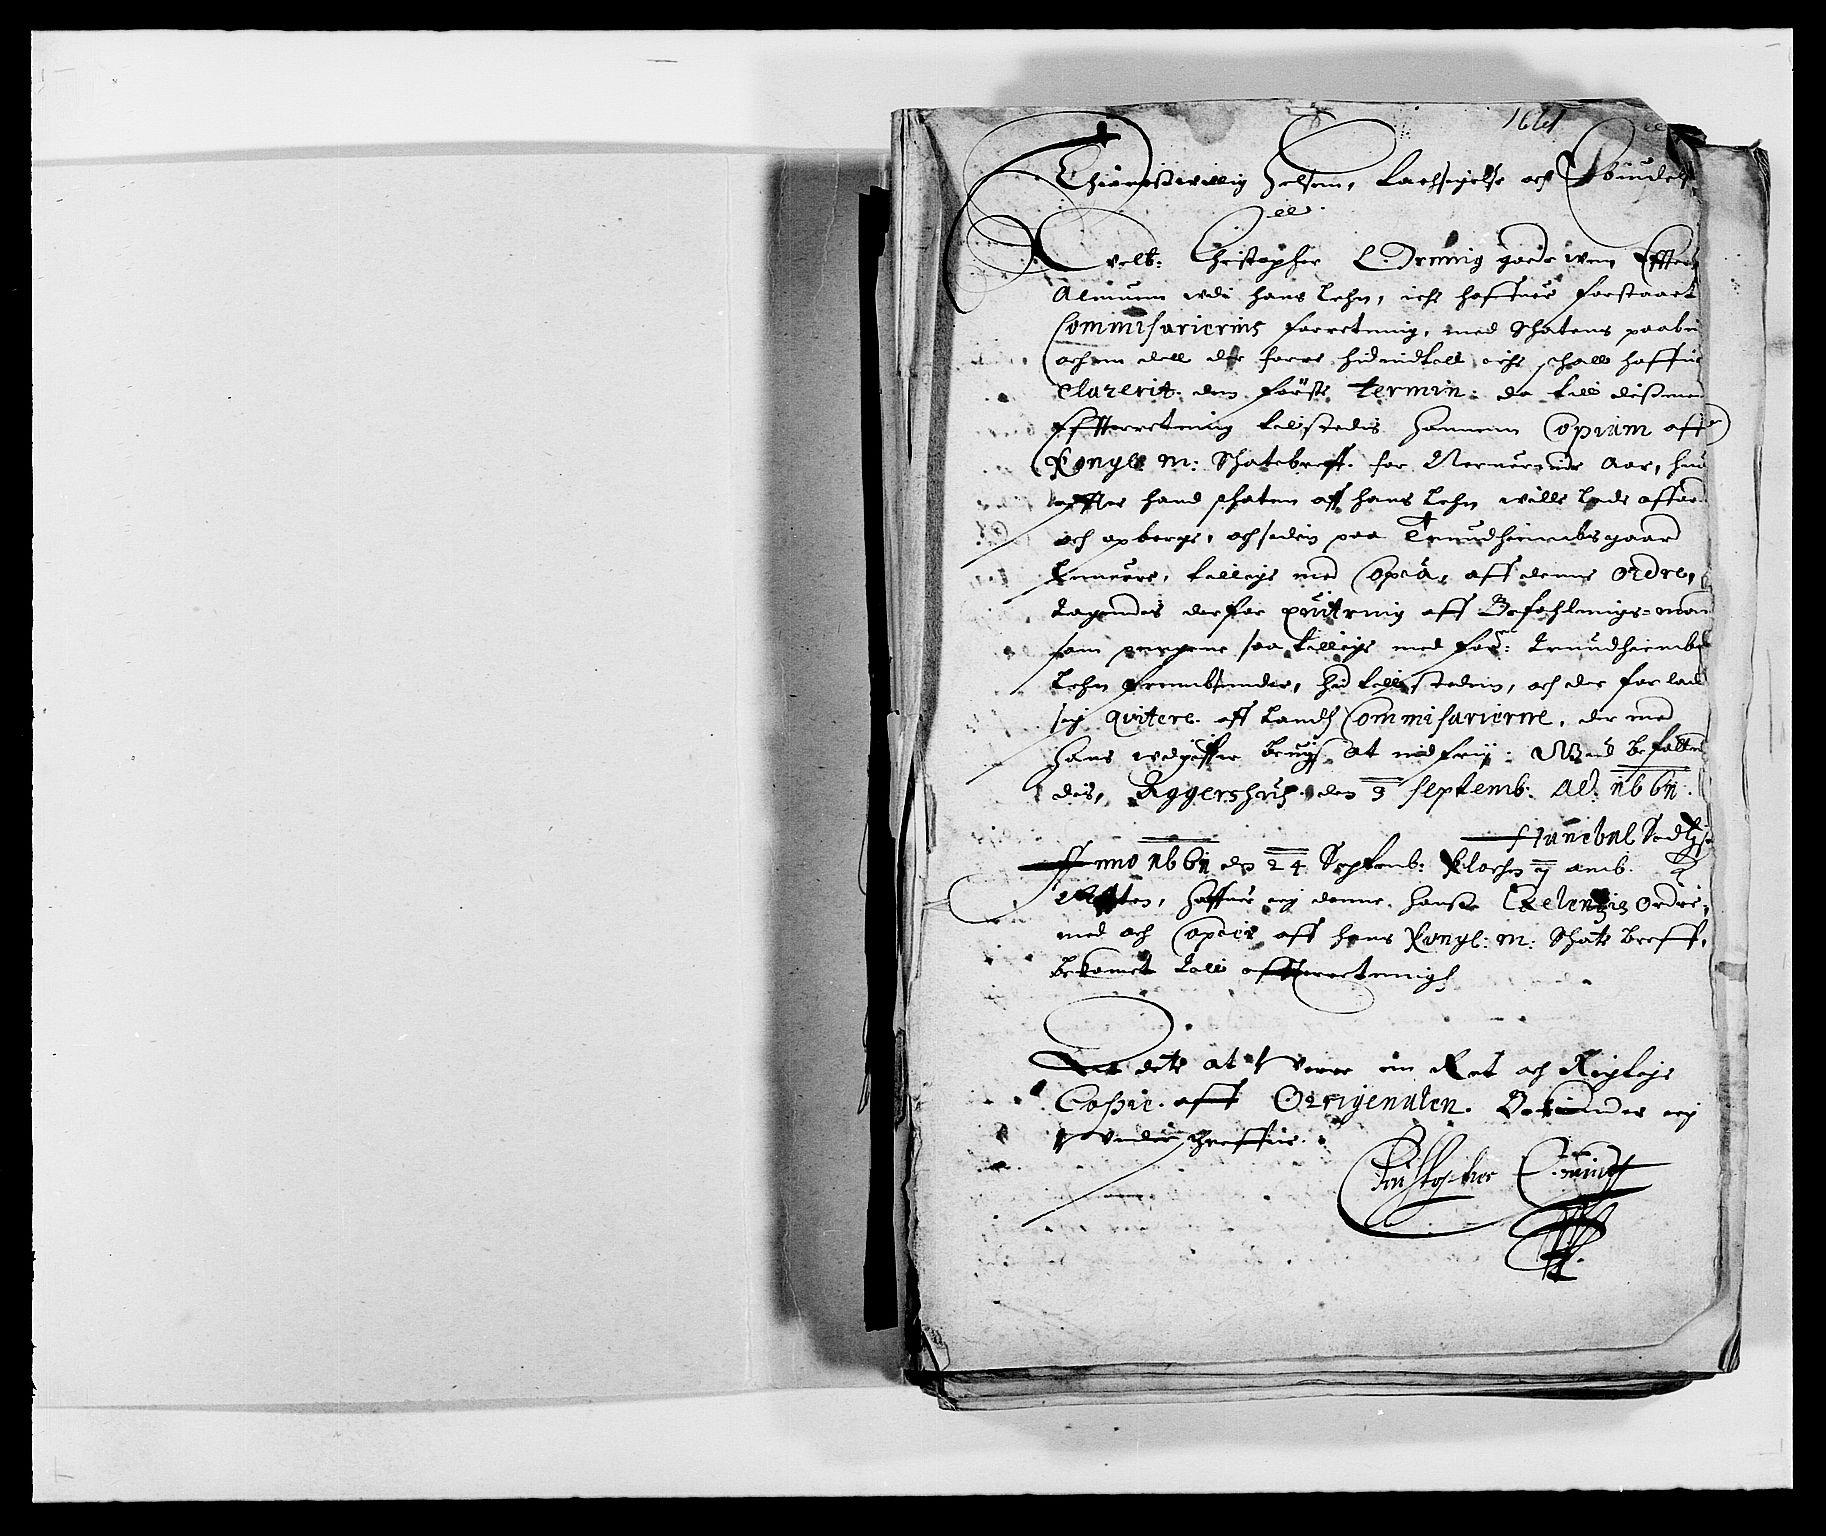 RA, Rentekammeret inntil 1814, Reviderte regnskaper, Fogderegnskap, R69/L4849: Fogderegnskap Finnmark/Vardøhus, 1661-1679, s. 2